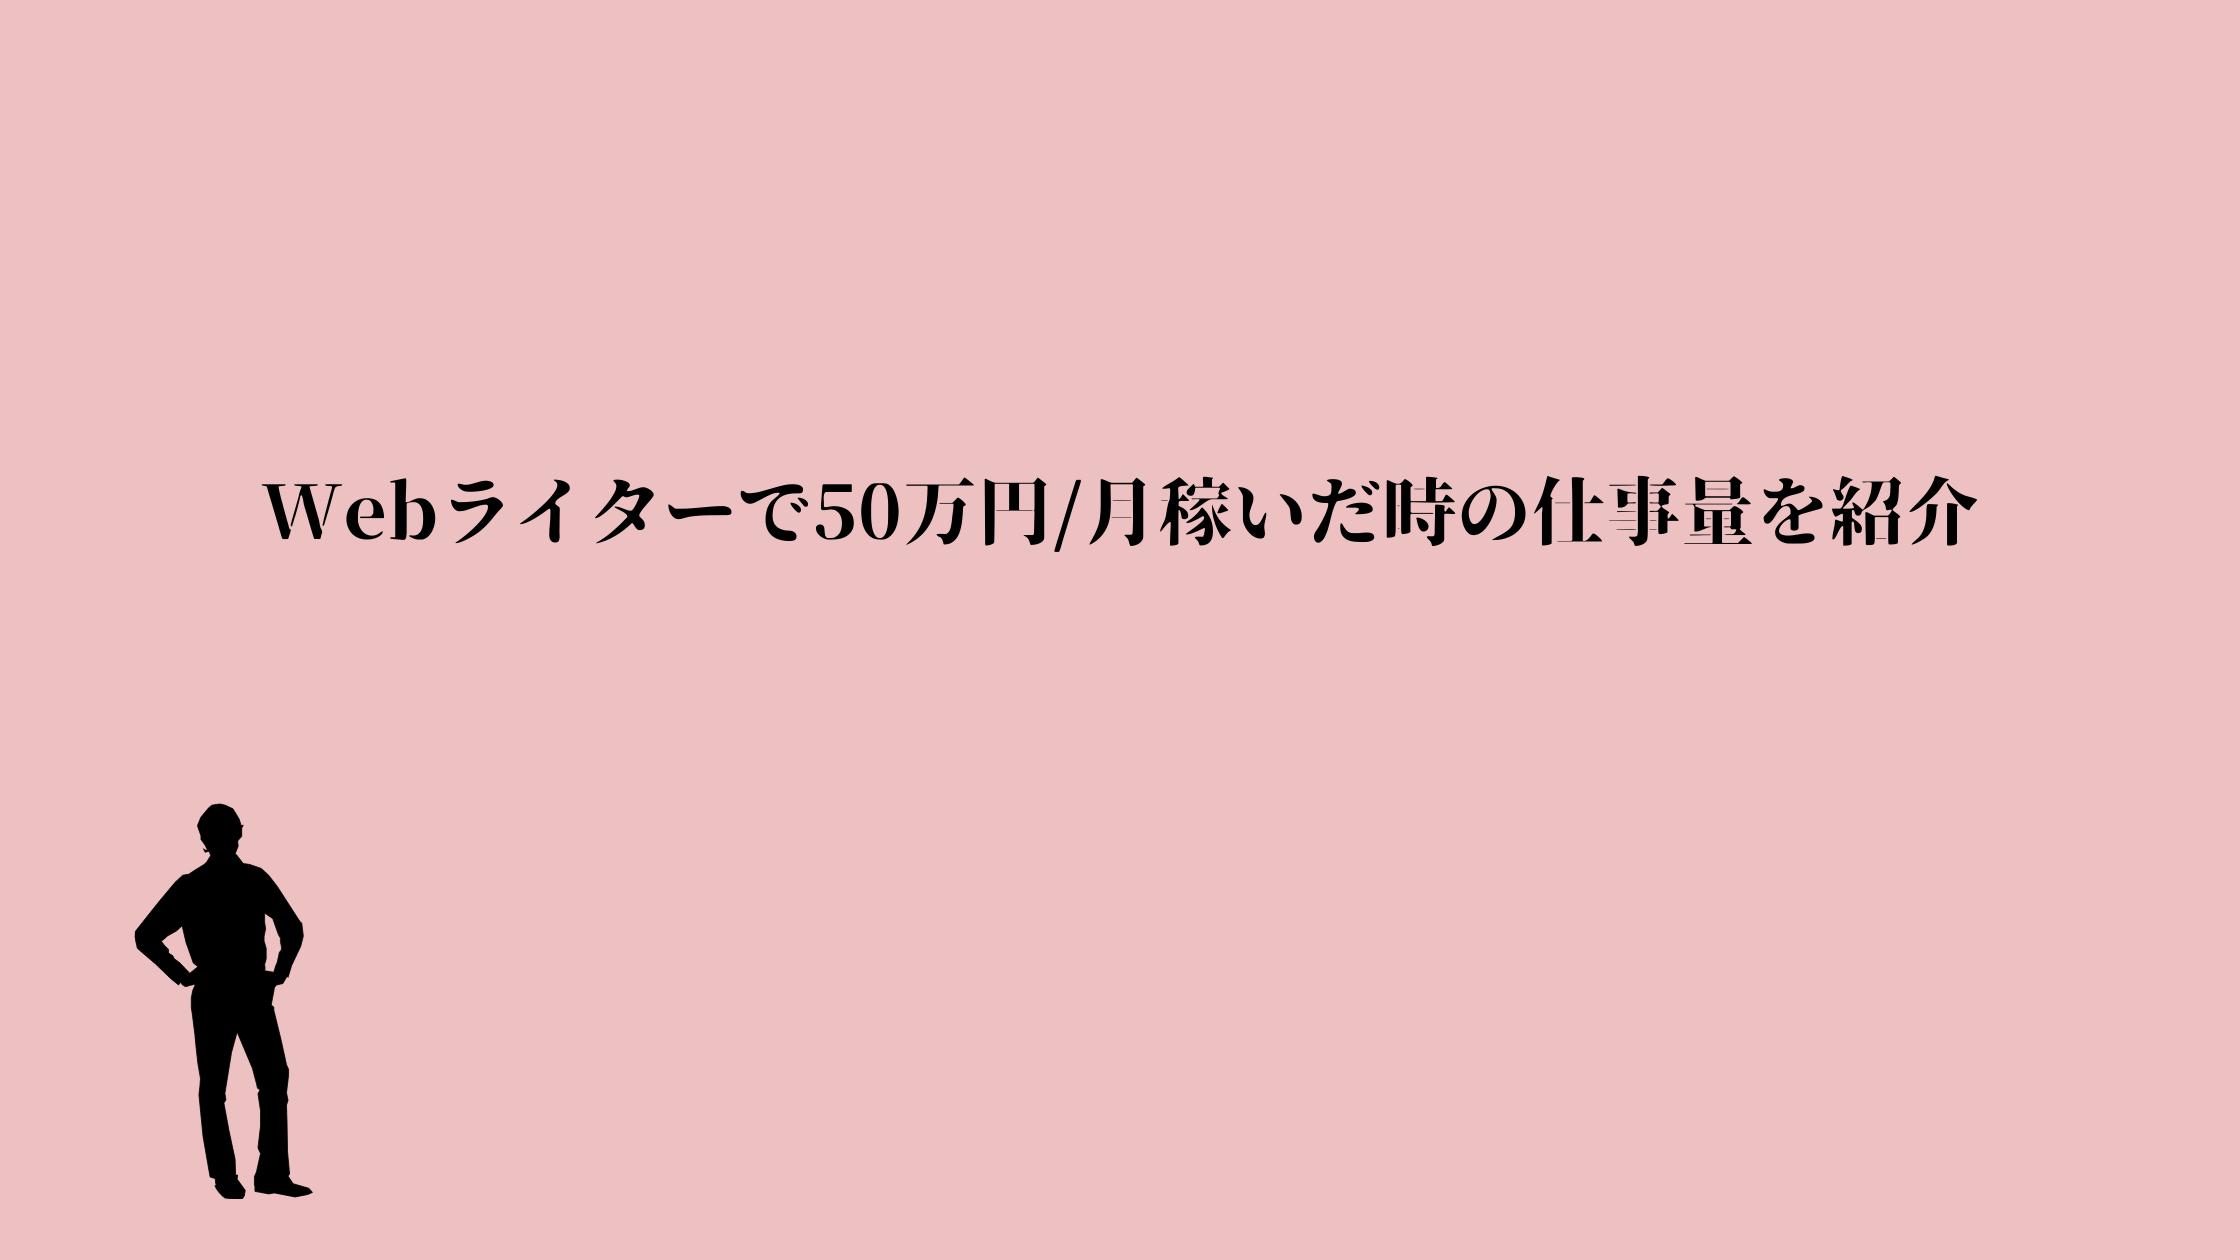 Webライターで50万円_月稼いだ時の仕事量